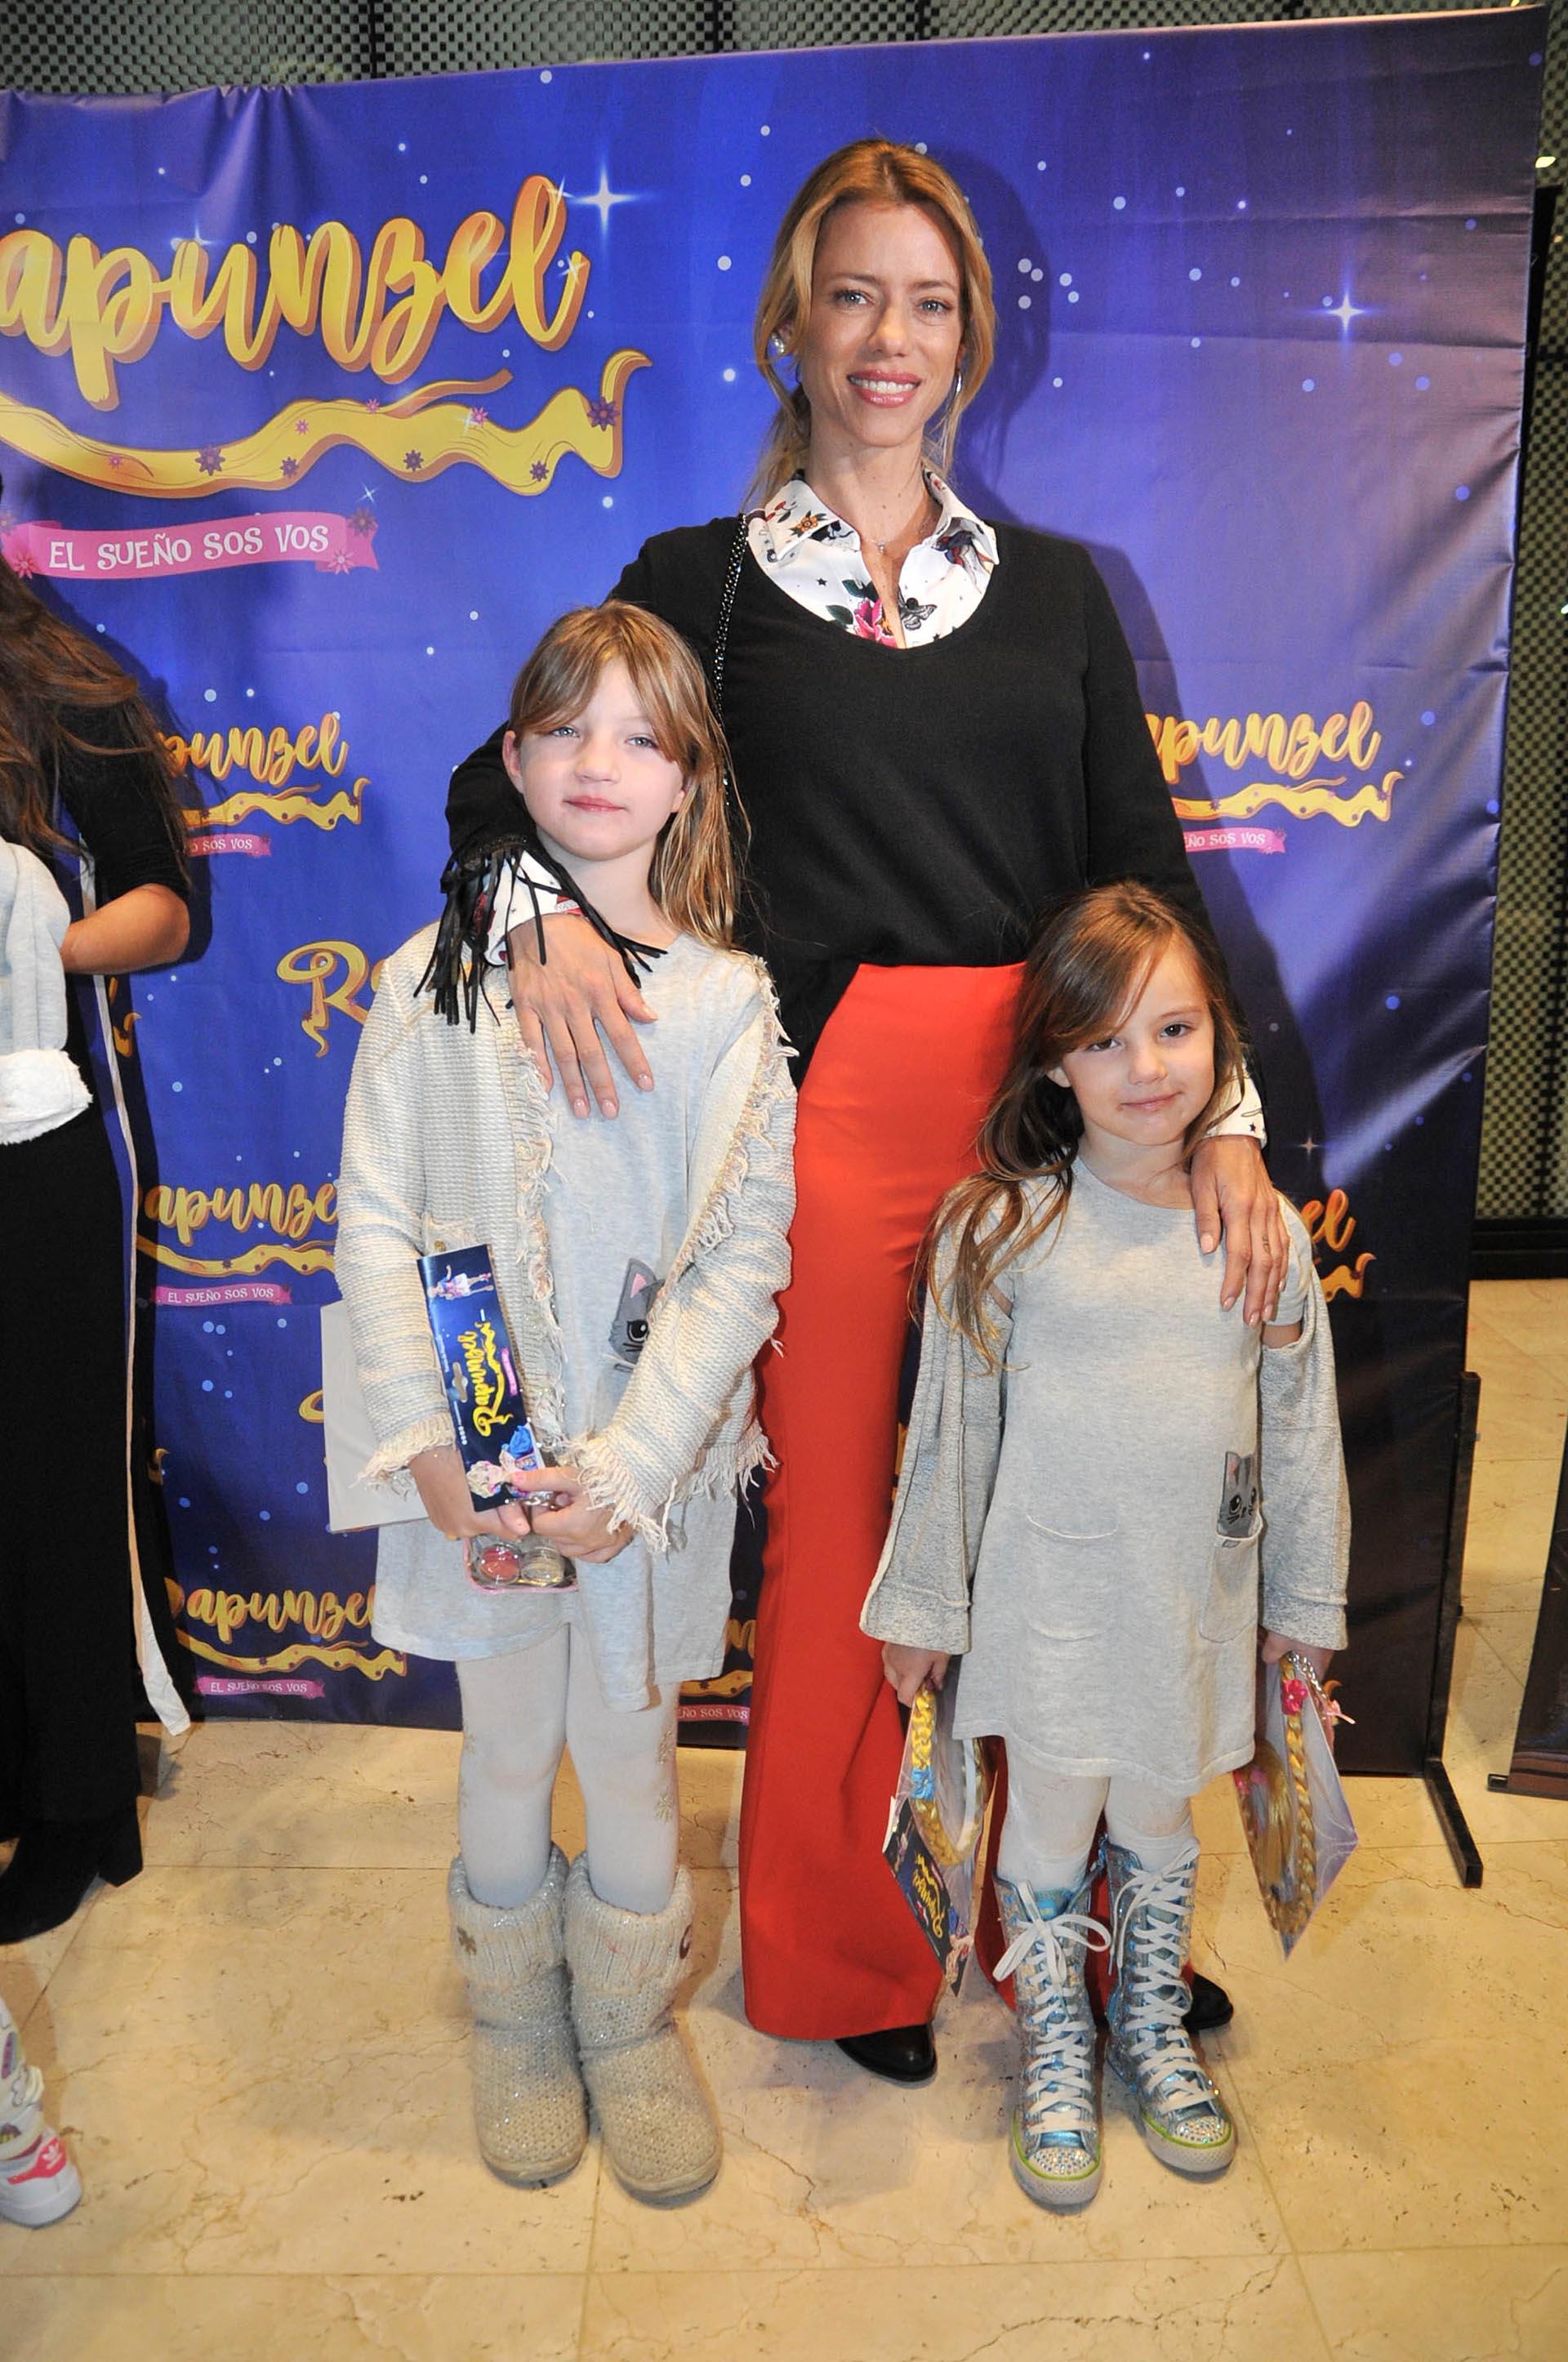 Nicole Neumann con sus hijas, Indiana y Allegra (Fotos: Verónica Guerman / Teleshow)